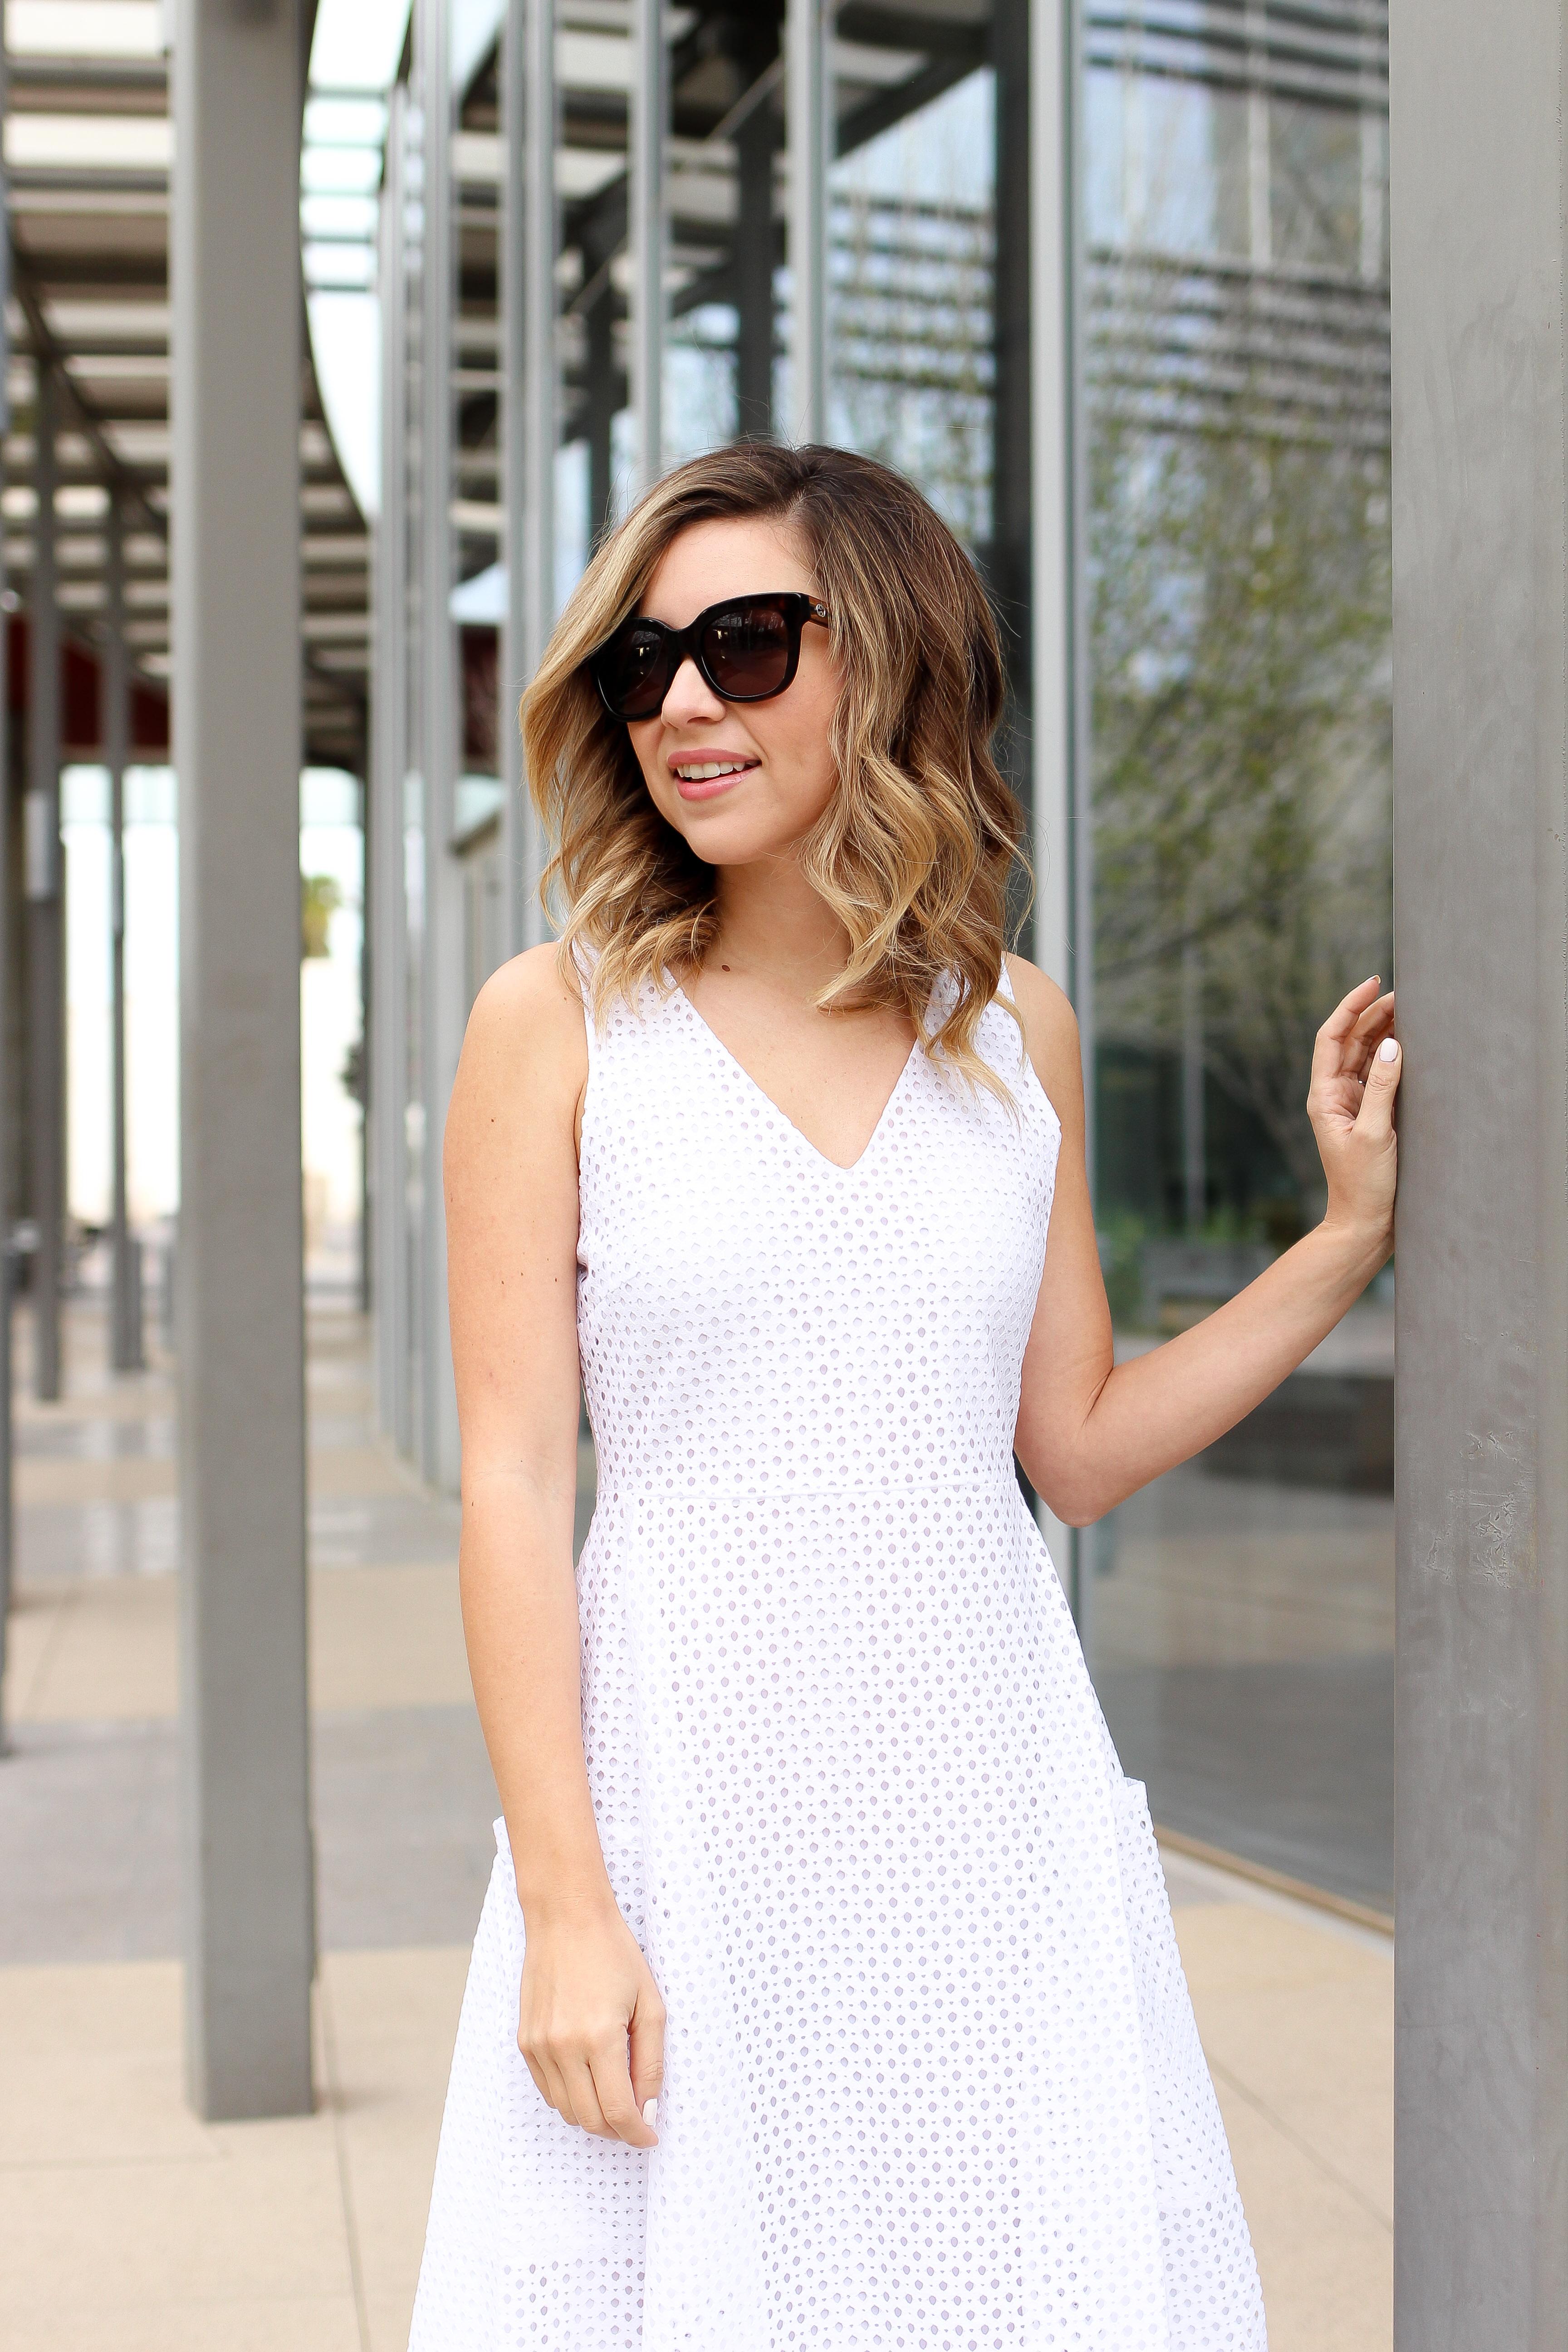 Simply Sutter - Banana Republic - White Dresses - Summer Dresses